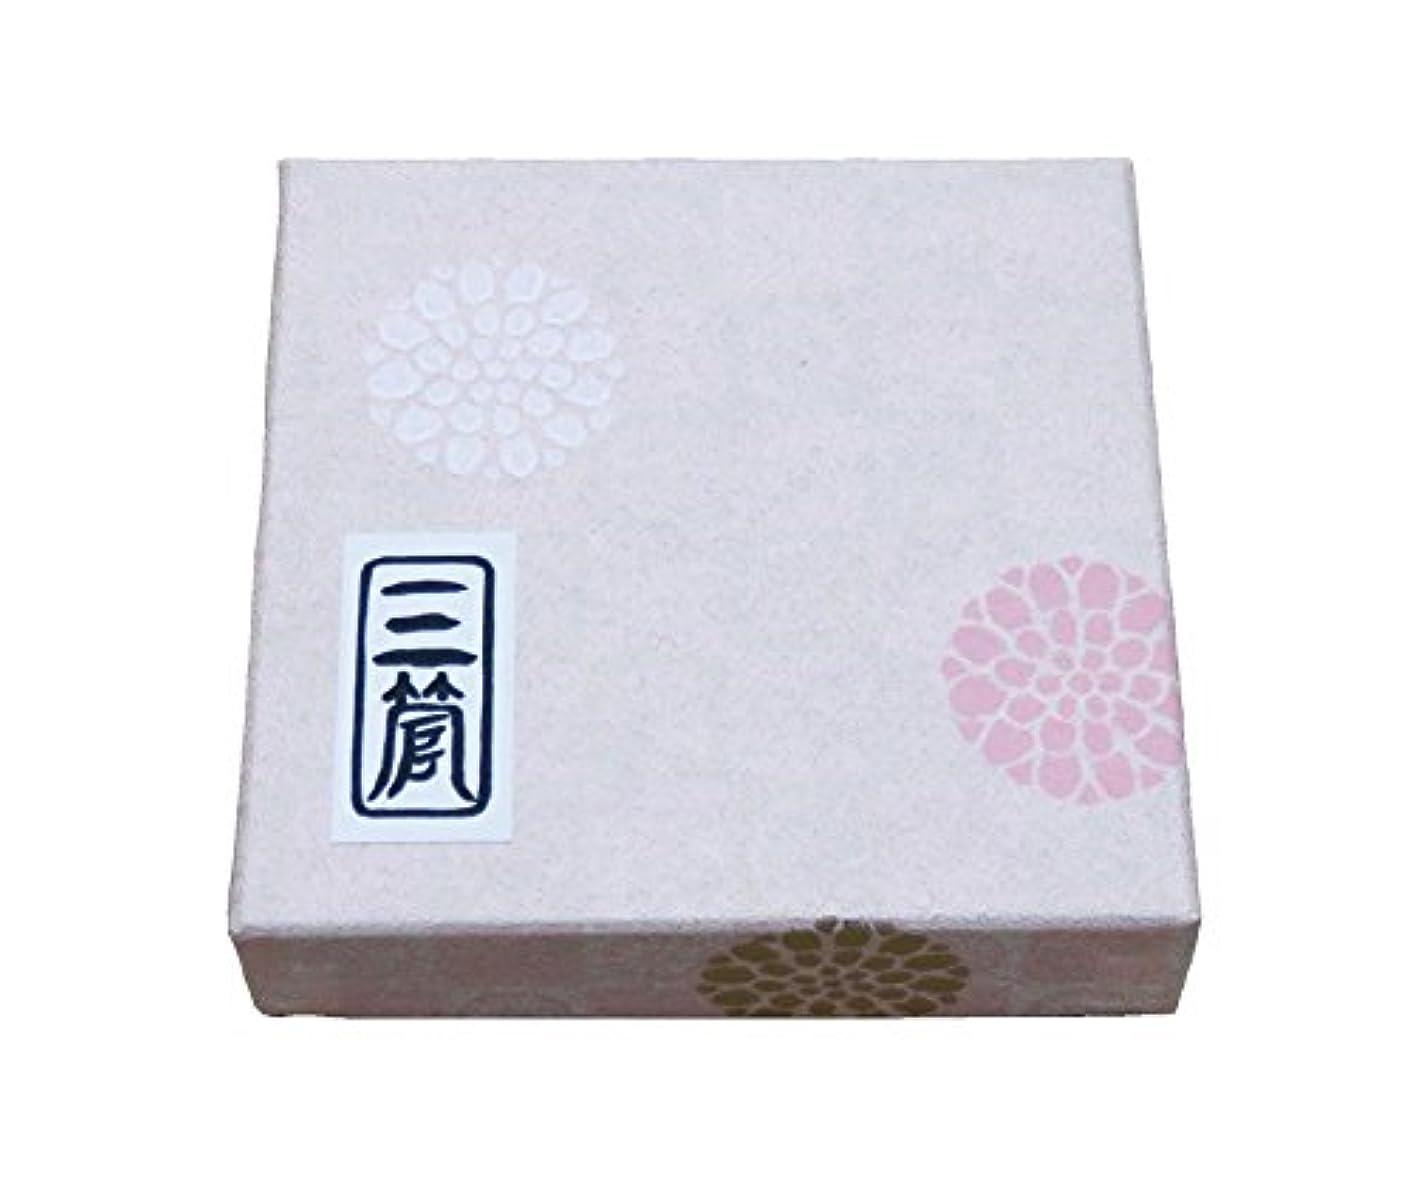 提供放棄された到着する癒しのお香 <仏智香 三管セット 化粧箱入り> 三管3種類が楽しめます 奈良のお香屋あーく煌々(きらら)